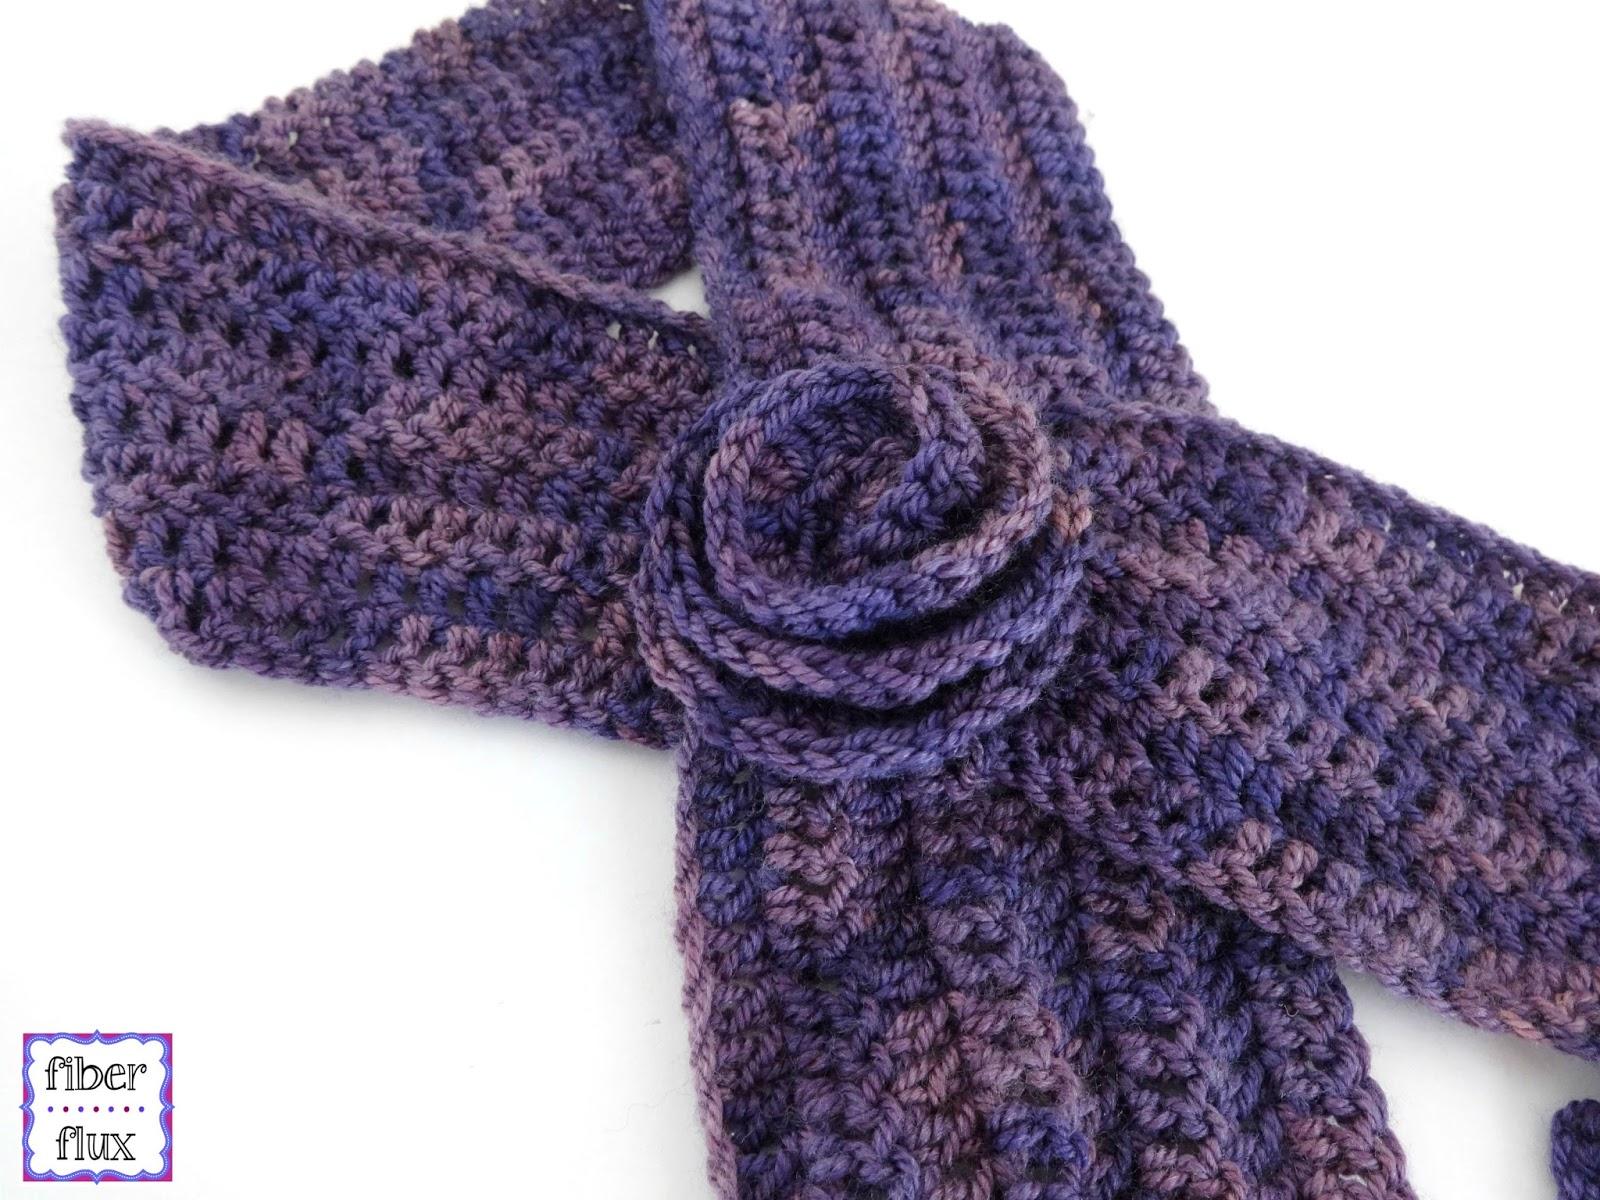 Knit Keyhole Scarf Pattern : Fiber Flux: Free Crochet Pattern...Vintage Blossom Keyhole Scarf!